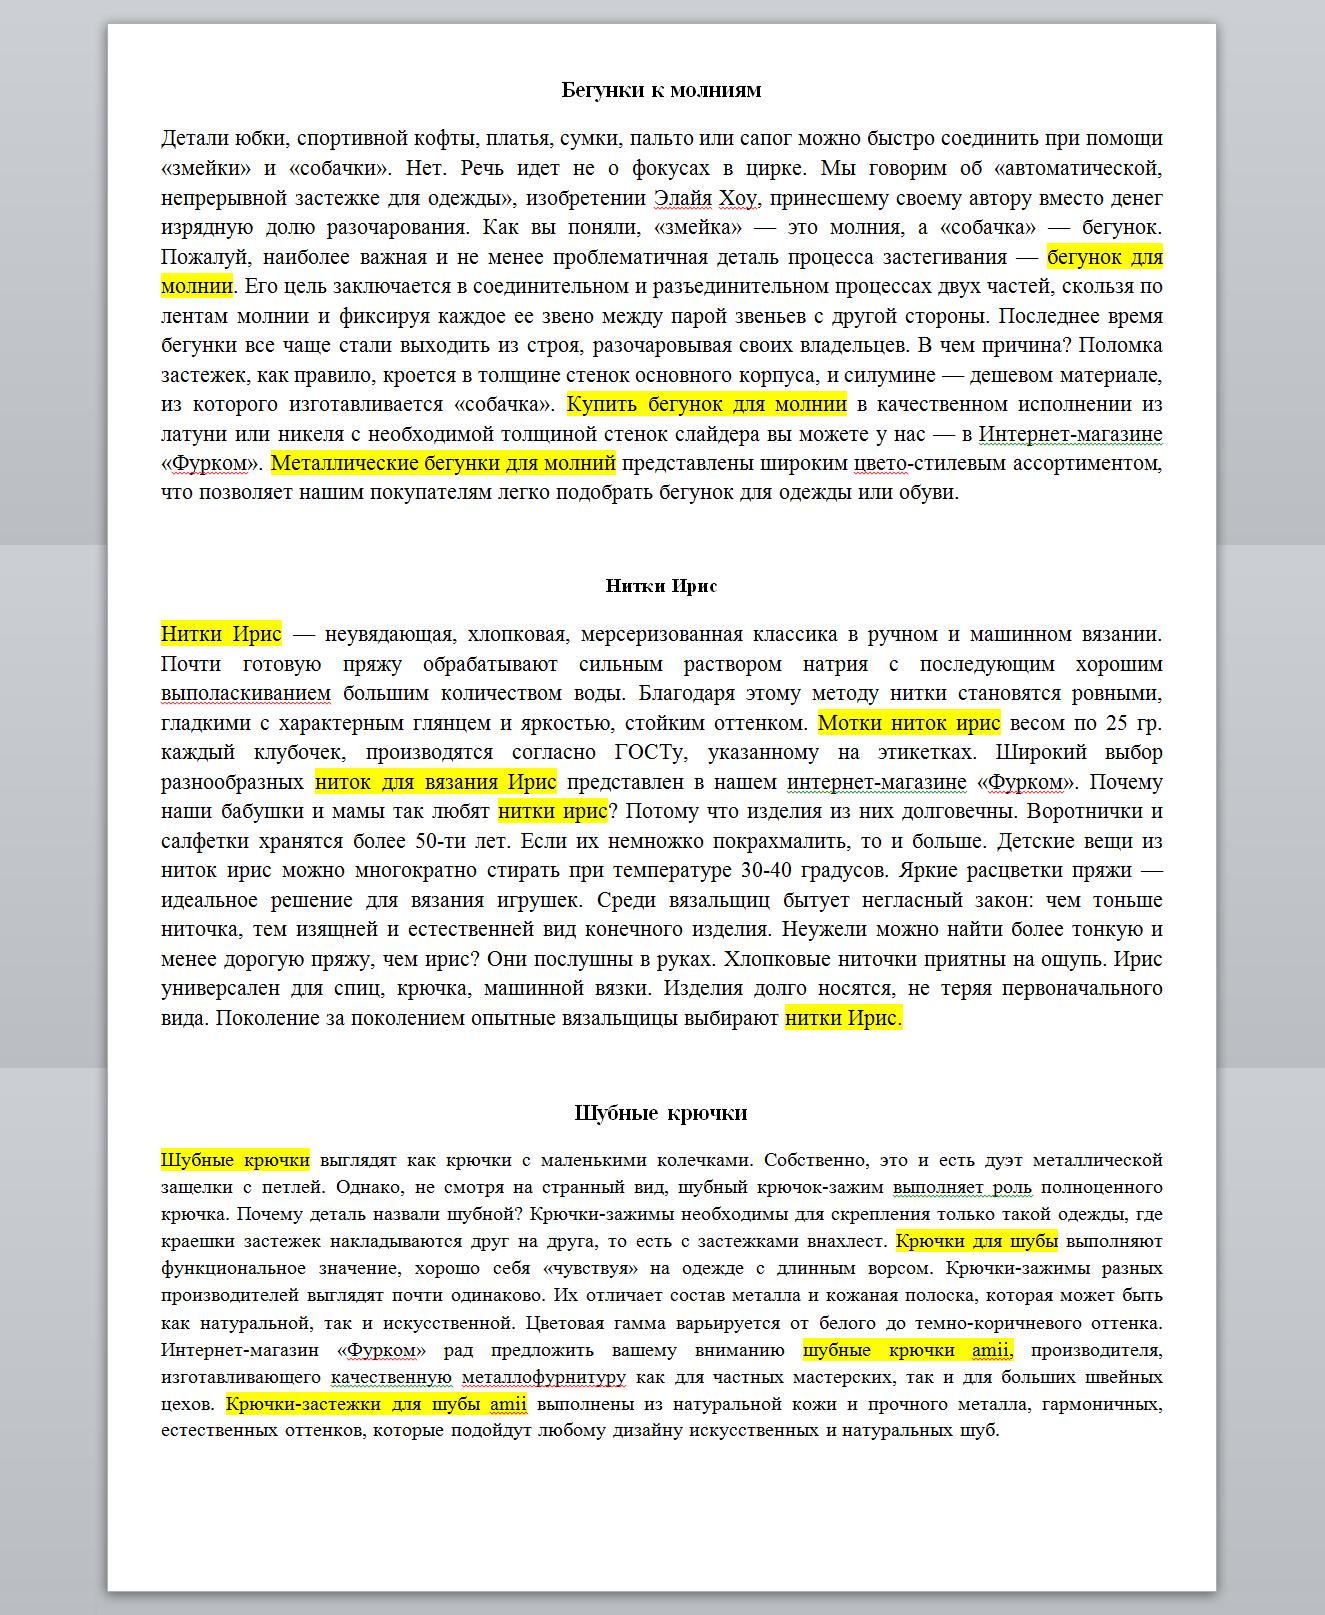 Описания швейной фурнитуры (написано и опубликовано около 300 текстов)